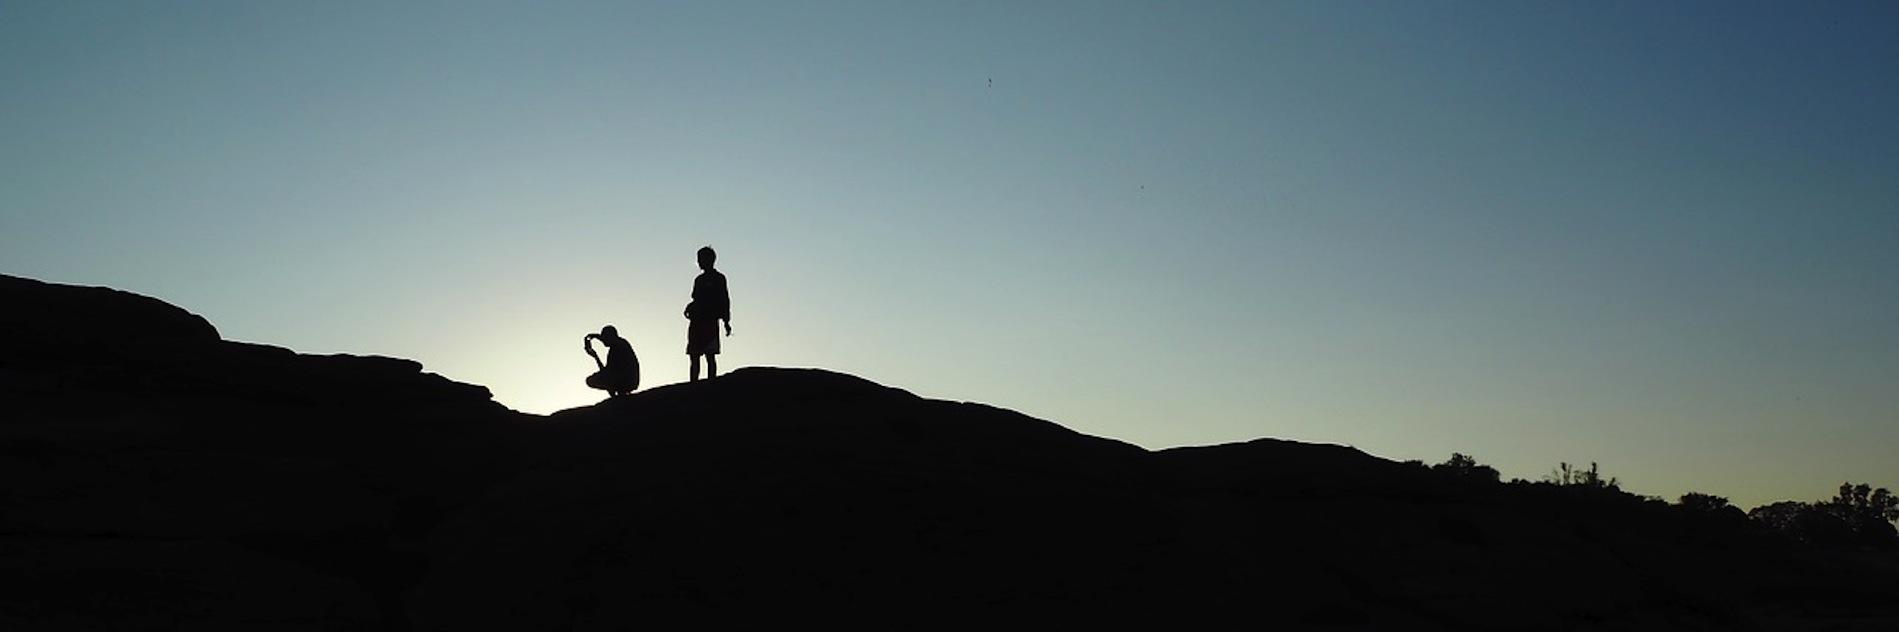 Zwei Menschen auf einem Berg - Psychotherapie aus meiner Sicht